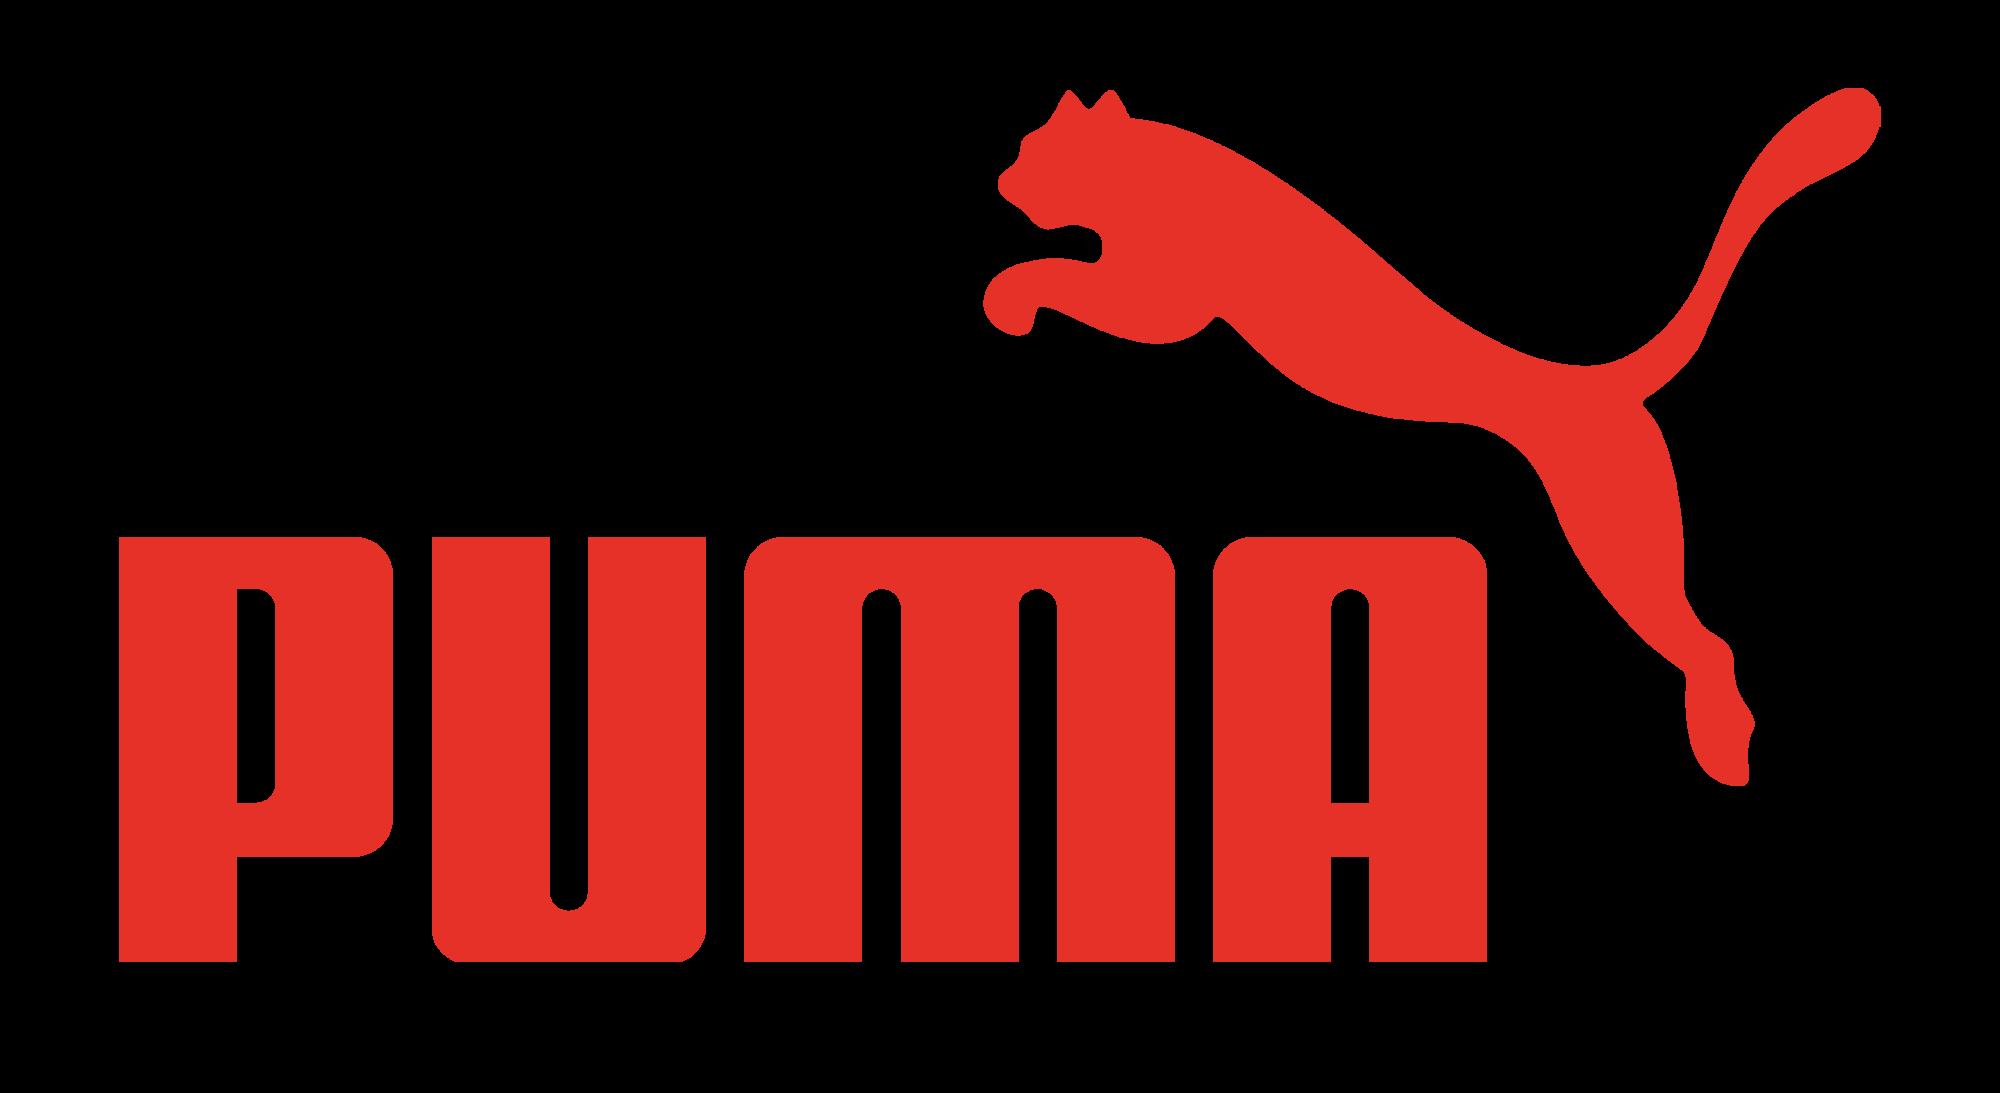 Puma のロゴ